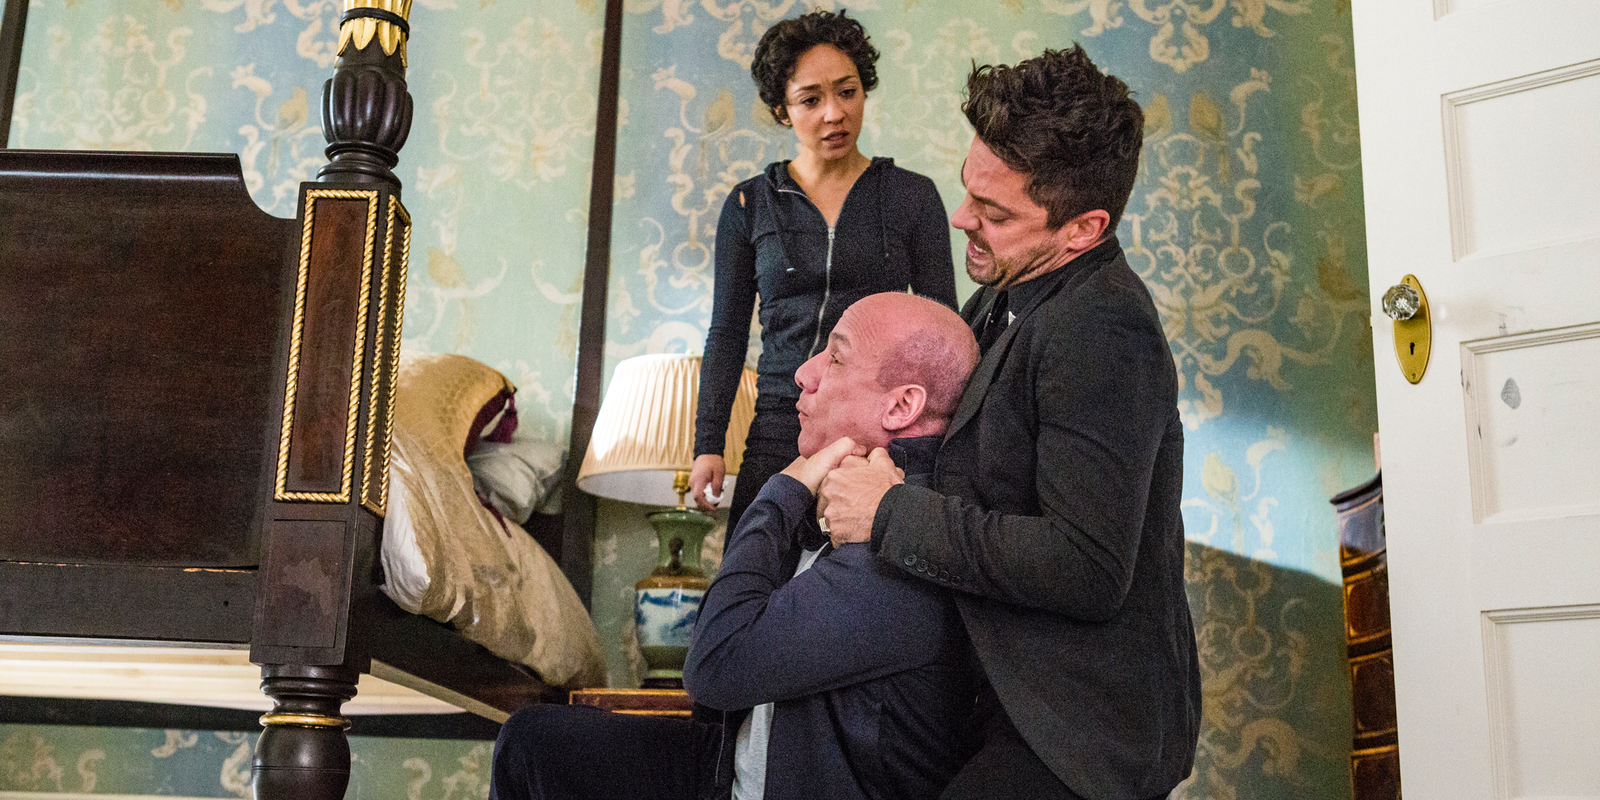 Ruth Negga Paul Ben Victor and Dominic Cooper in Preacher Season 2 Episode 5